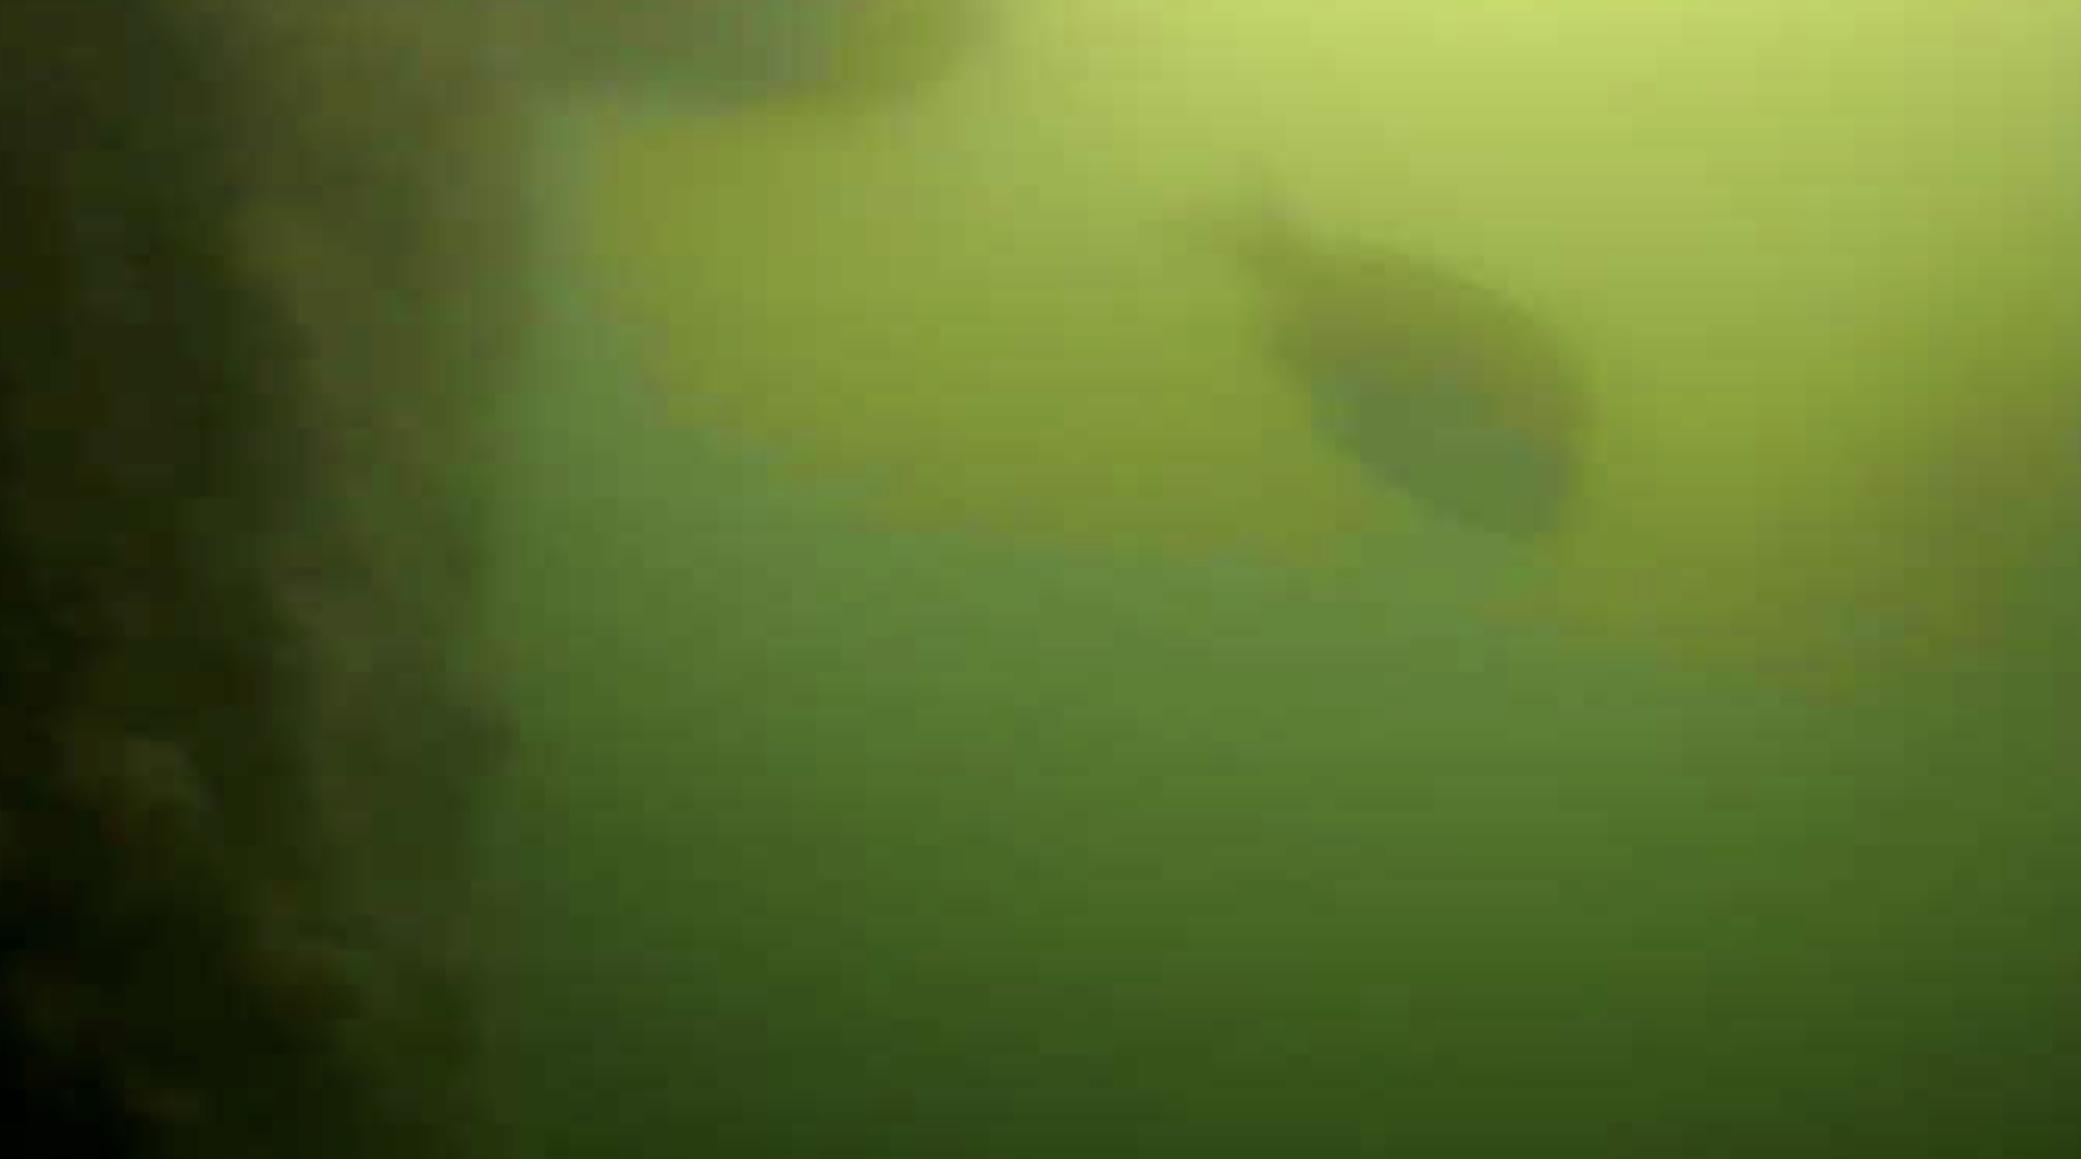 緑が浜エコパーク 水中写真クロダイ